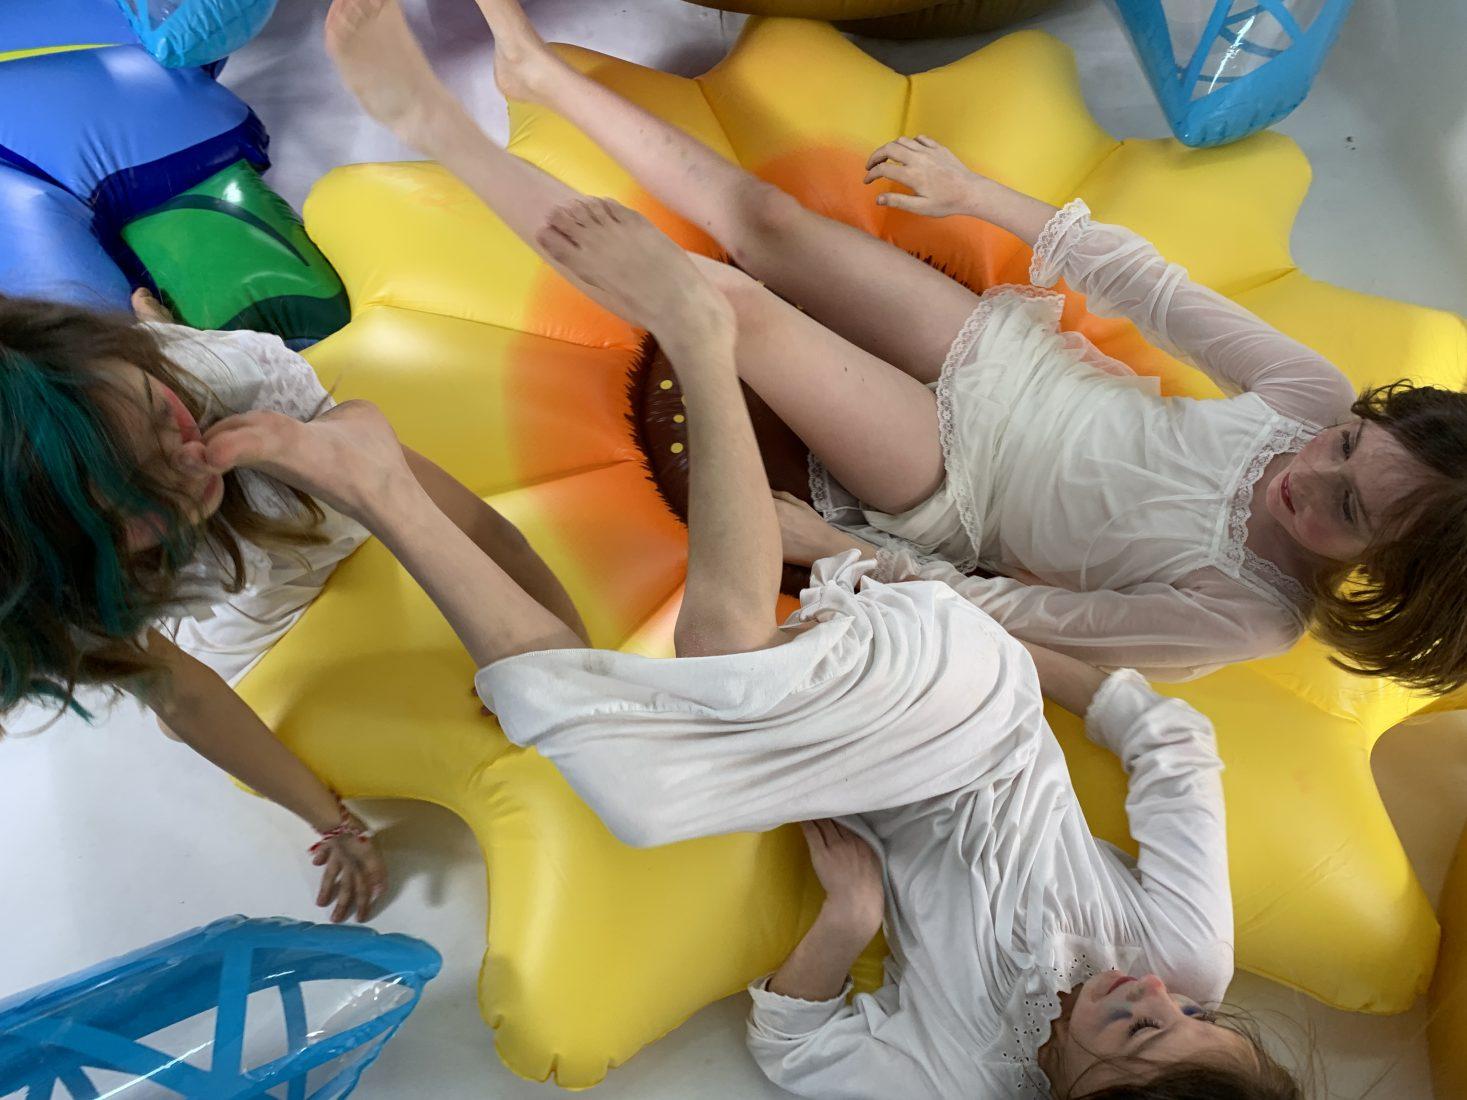 Даниела Костова. Принцеска Красота, 2020, видео, надуваеми обекти, колекция на Лео Келбс